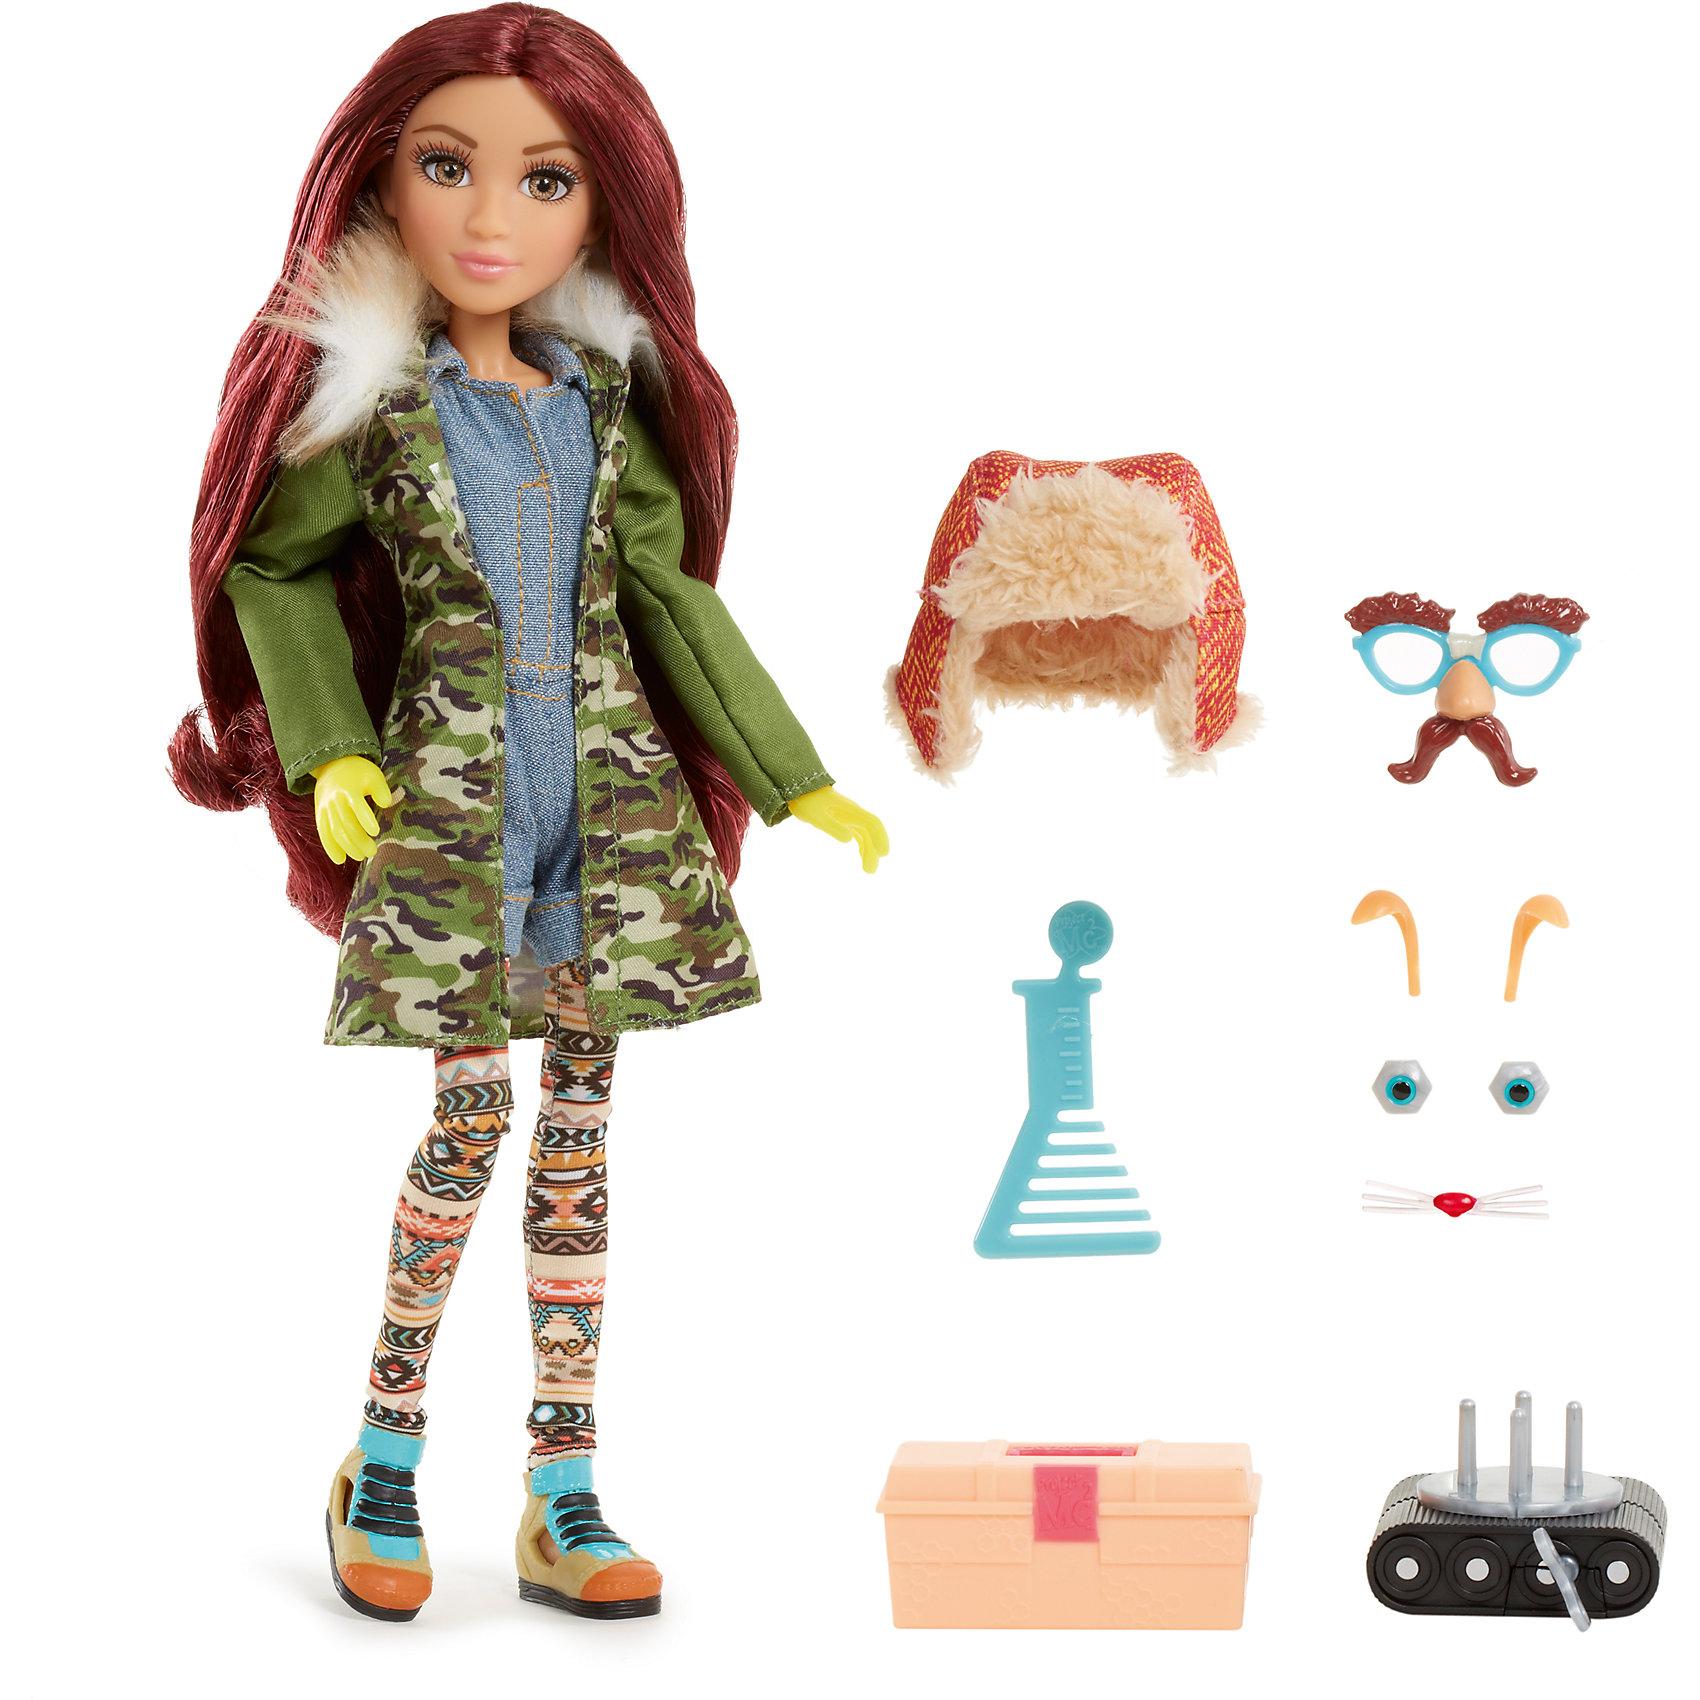 Кукла делюкс Камрин, Project Mс2Кукла делюкс Камрин, Project Mс2 (Проджект МСи2).<br><br>Характеристики:<br><br>• Размер куклы - 30 см.<br>• Вес: 0,2 кг.<br>• В комплекте: кукла, расческа, маска для маскировки, робот-питомец, чемоданчик.<br>• Материал: пластик, текстиль.<br>• Подвижные суставы: колени, бедра, запястья, локти, плечи, шея.<br><br>Кукла Камрин – это героиня популярного сериала «Project MС2»,девизом которого является «Быть умной – модно!». Камрин одета в пальто цвета хаки, короткий джинсовый комбинезон, на голове у нее теплая шапка-ушанка, на ногах - разноцветные легинсы с этническим узором и ботиночки. Длинные реснички, очень «живые» глазки и выразительные черты лица – придают кукле реалистичный вид. Роскошные, вьющиеся рыжие волосы ваша девочка сможет расчесывать и укладывать в затейливые прически. Такая куколка станет желанным подарком для вашей девочки!<br><br>Куклу делюкс Камрин, Project Mс2 (Проджект МСи2), можно купить в нашем интернет – магазине.<br><br>Ширина мм: 260<br>Глубина мм: 330<br>Высота мм: 70<br>Вес г: 515<br>Возраст от месяцев: 72<br>Возраст до месяцев: 2147483647<br>Пол: Женский<br>Возраст: Детский<br>SKU: 5185765